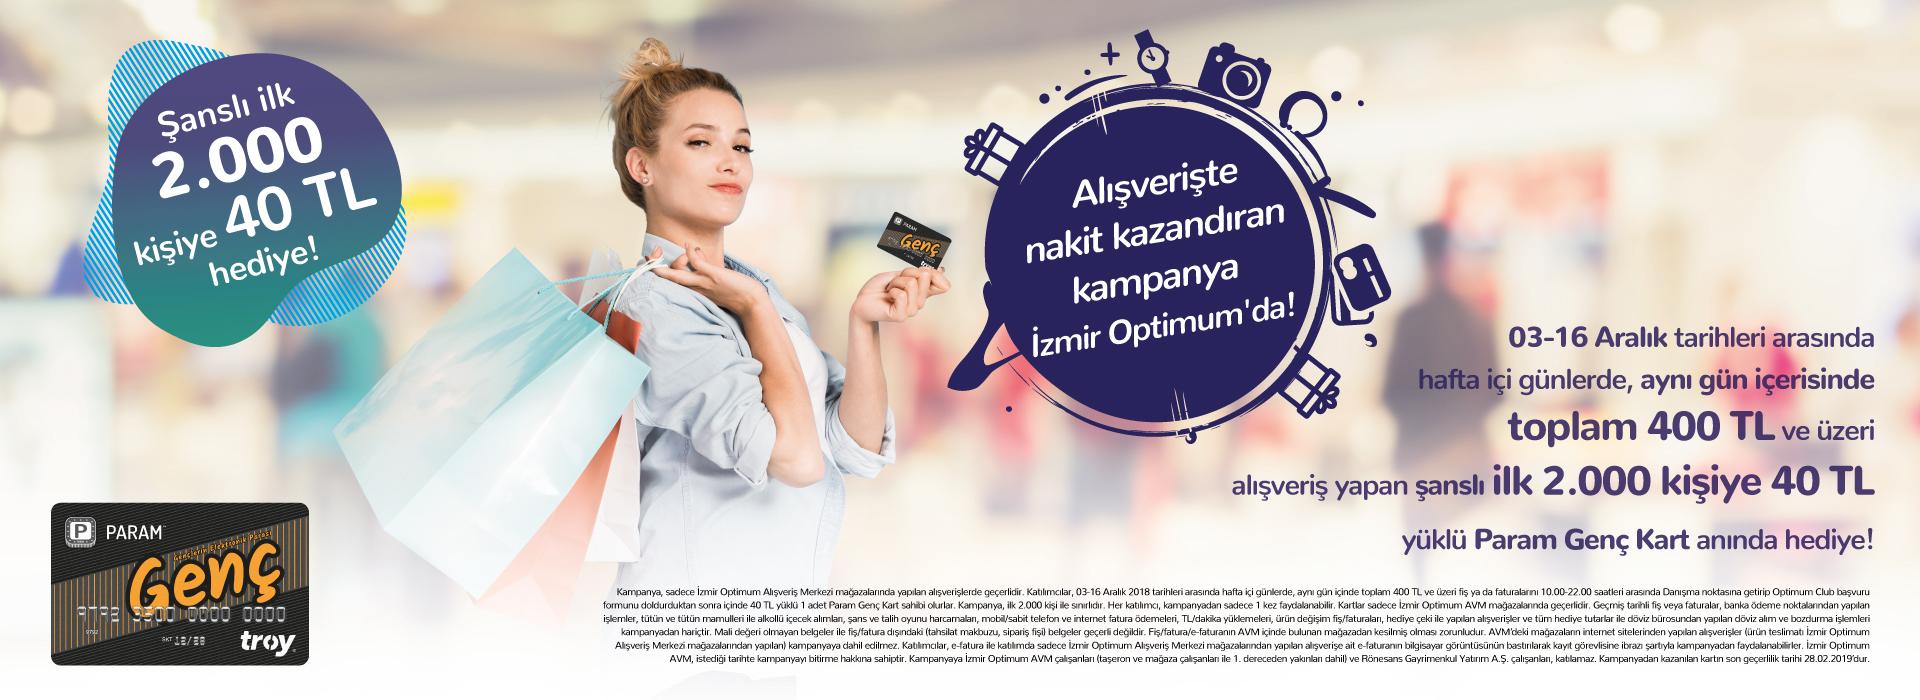 Alışverişte Nakit Kazandıran Kampanya İzmir Optimum'da!